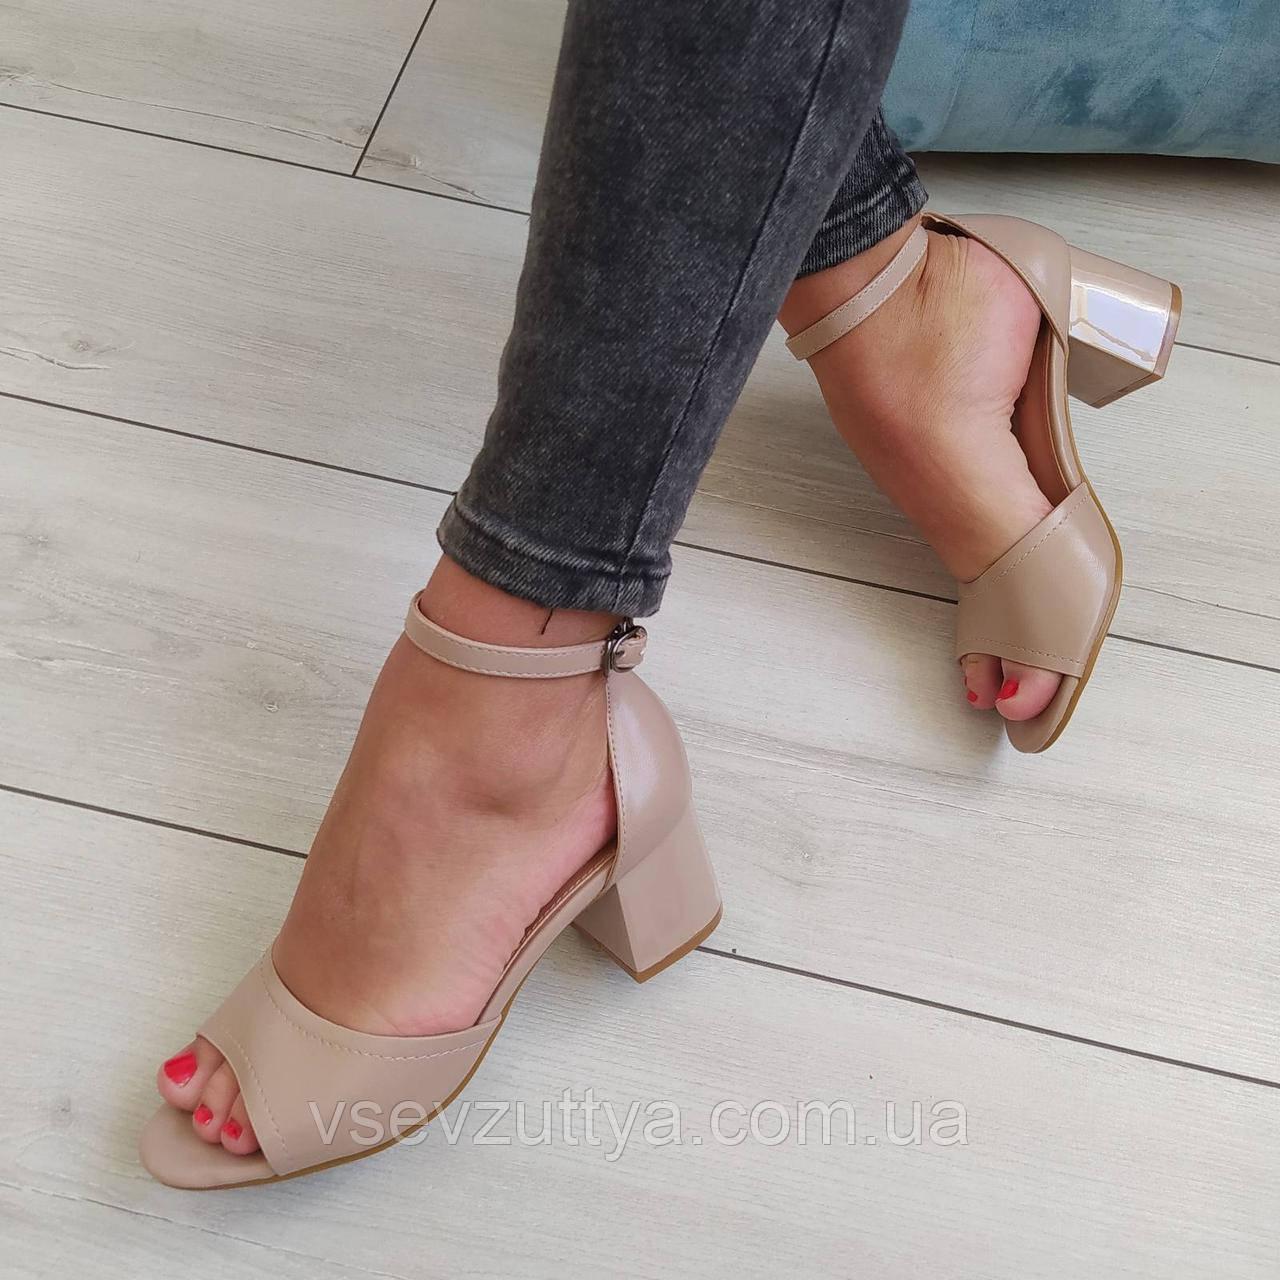 Босоніжки жіночі на каблуках бежеві